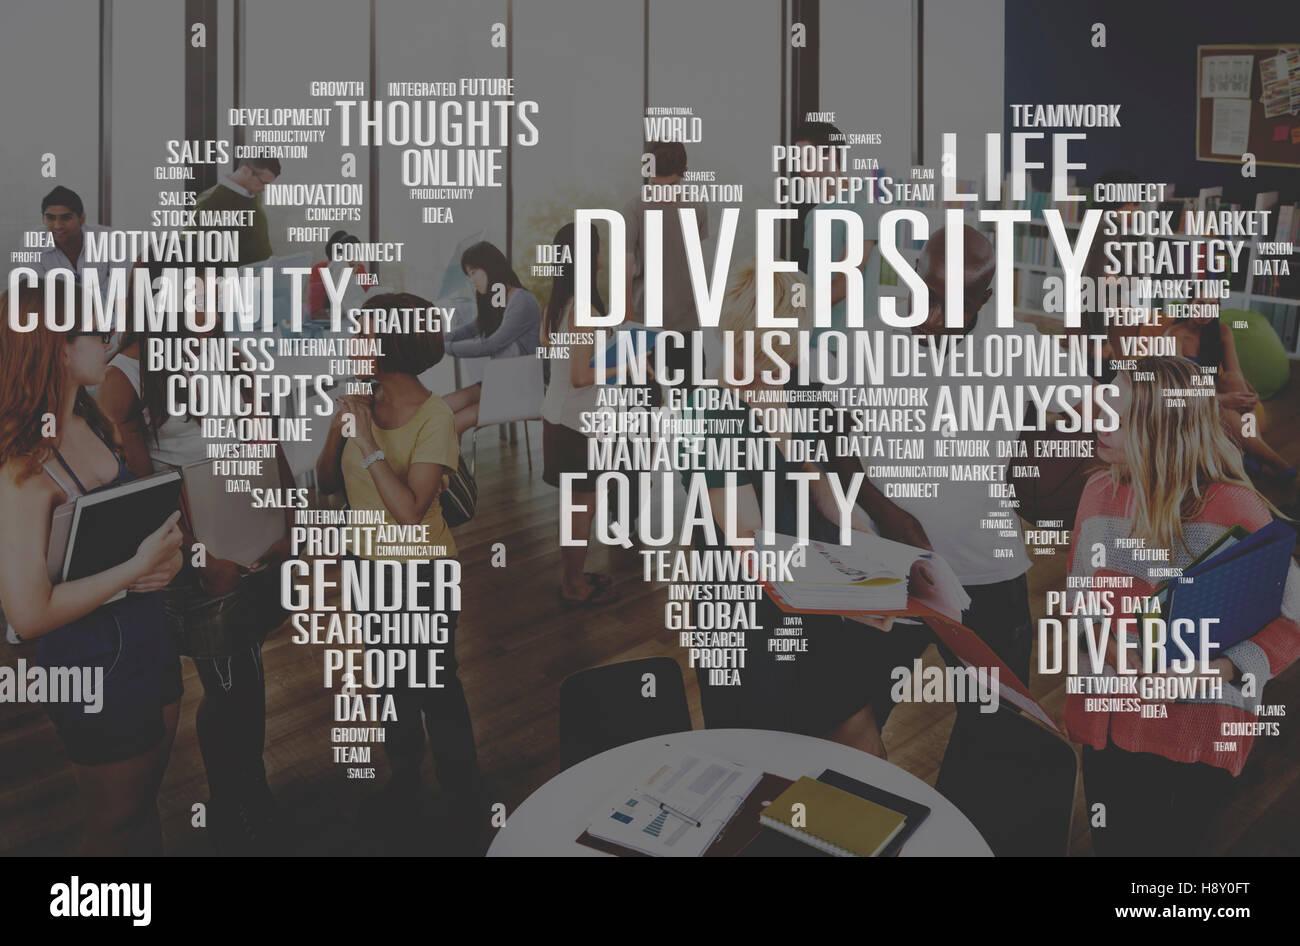 Unterschiedliche Geschlechter Genderkonzept Innovation Management Stockbild